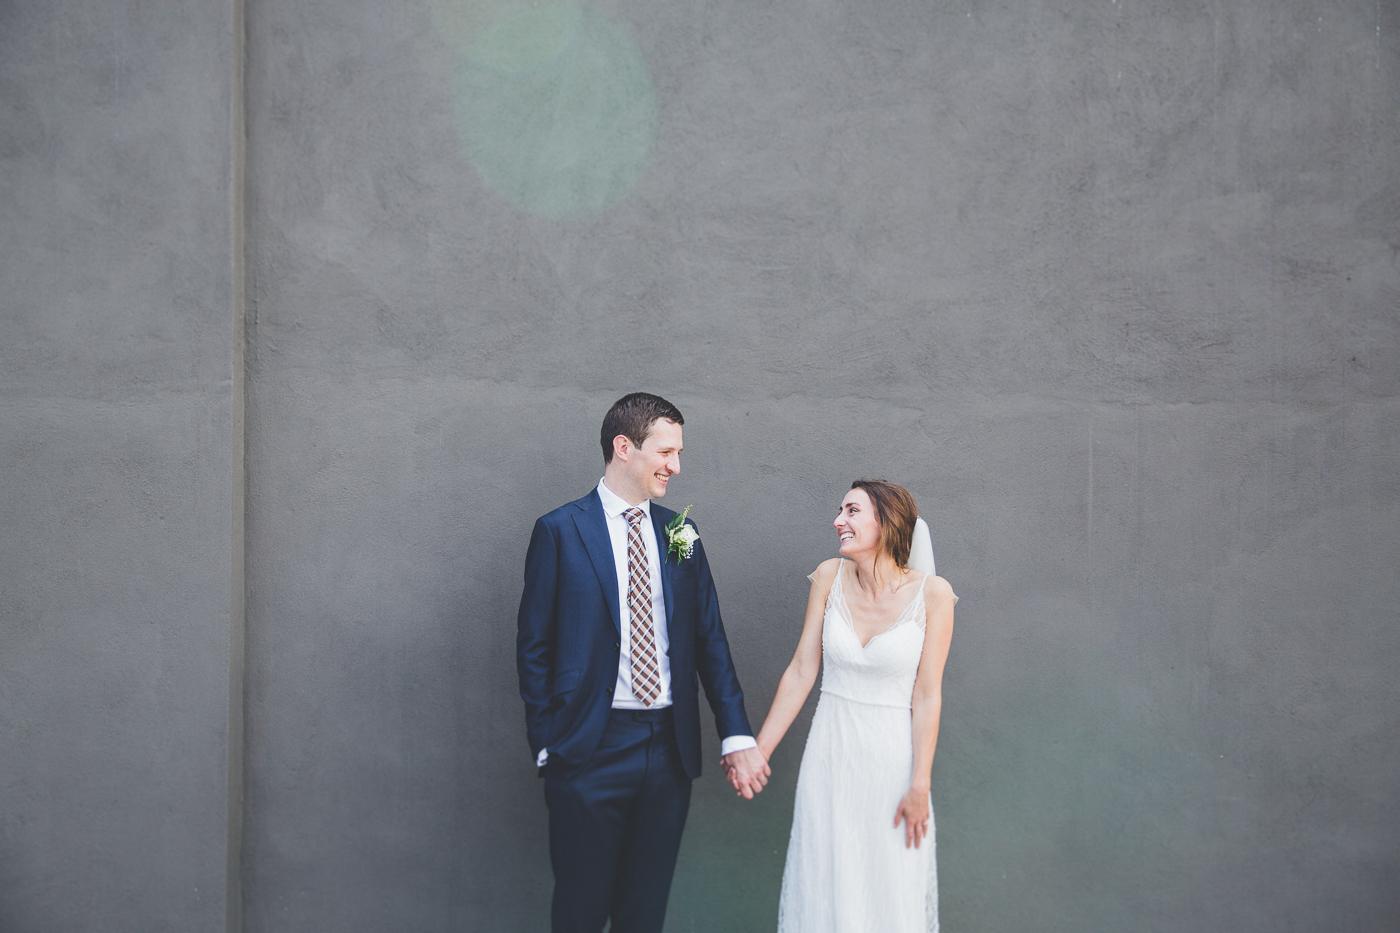 london-wedding-photographer-70.jpg